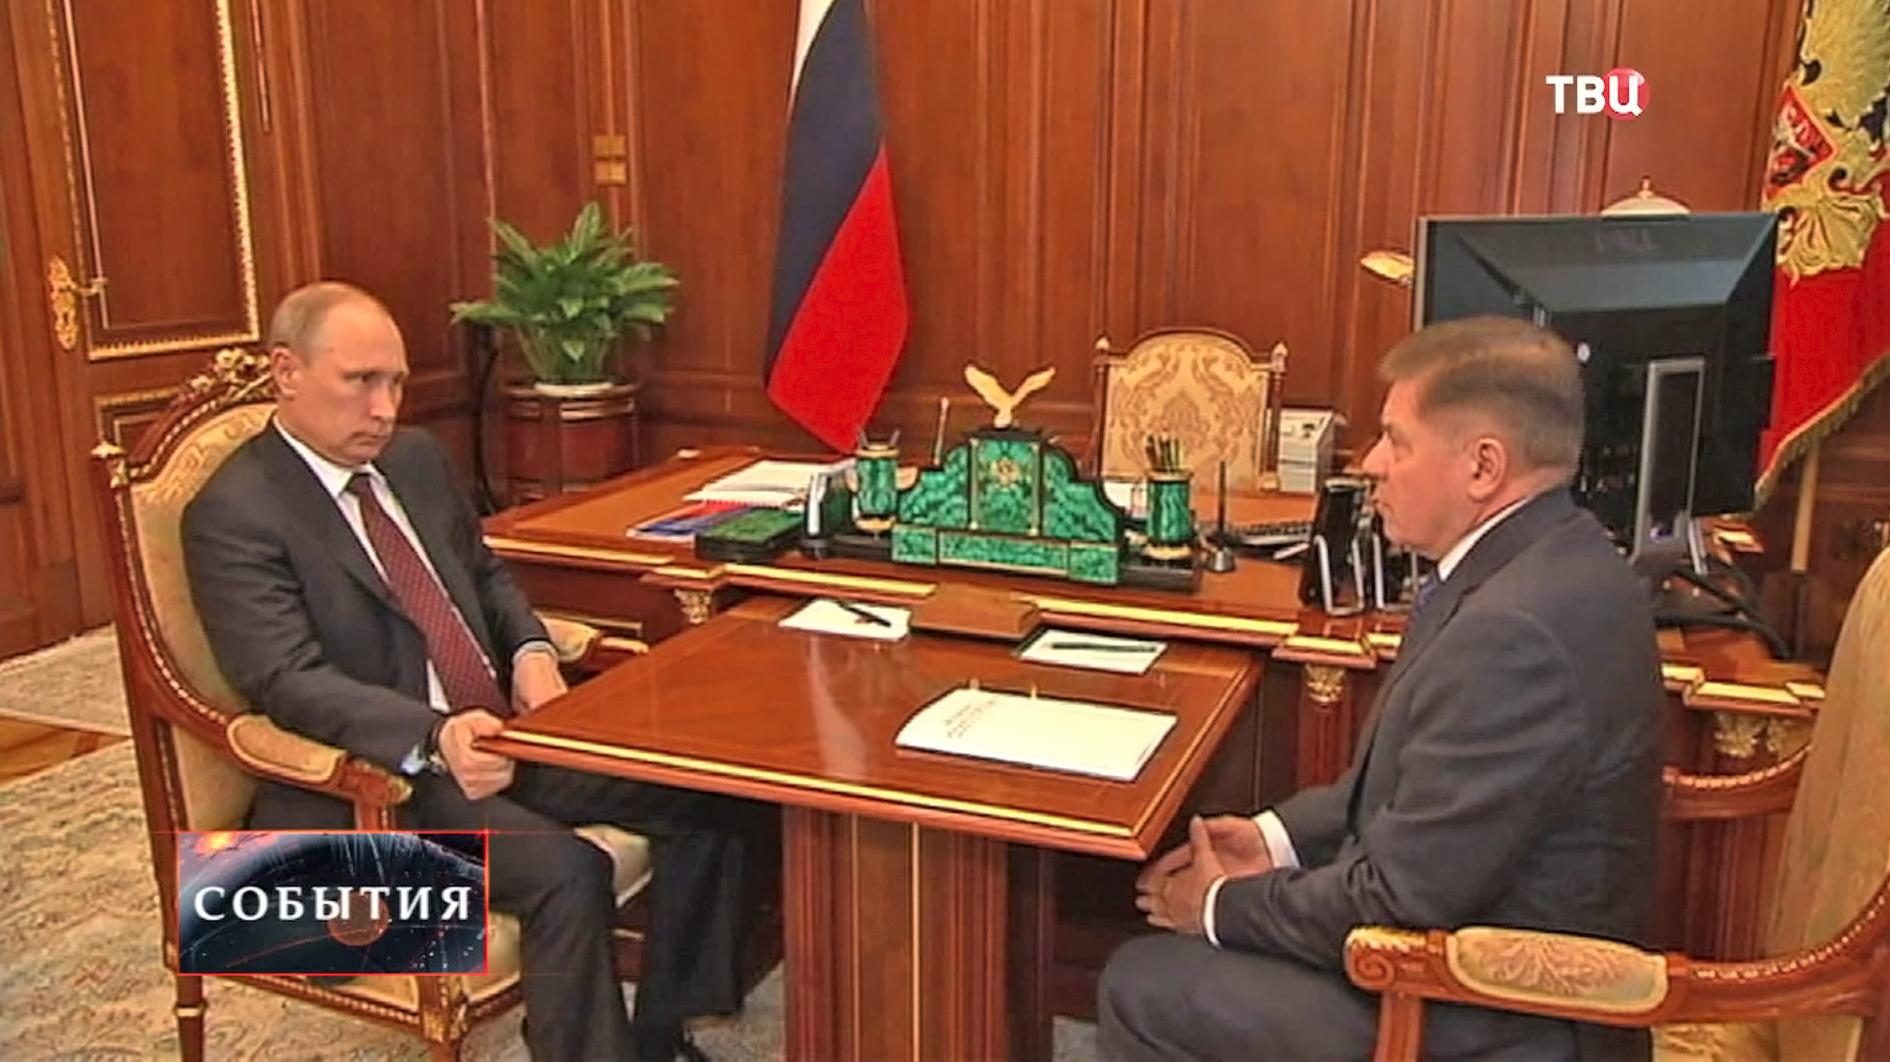 Владимир Путин и председатель Верховного суда России Вячеслав Лебедев